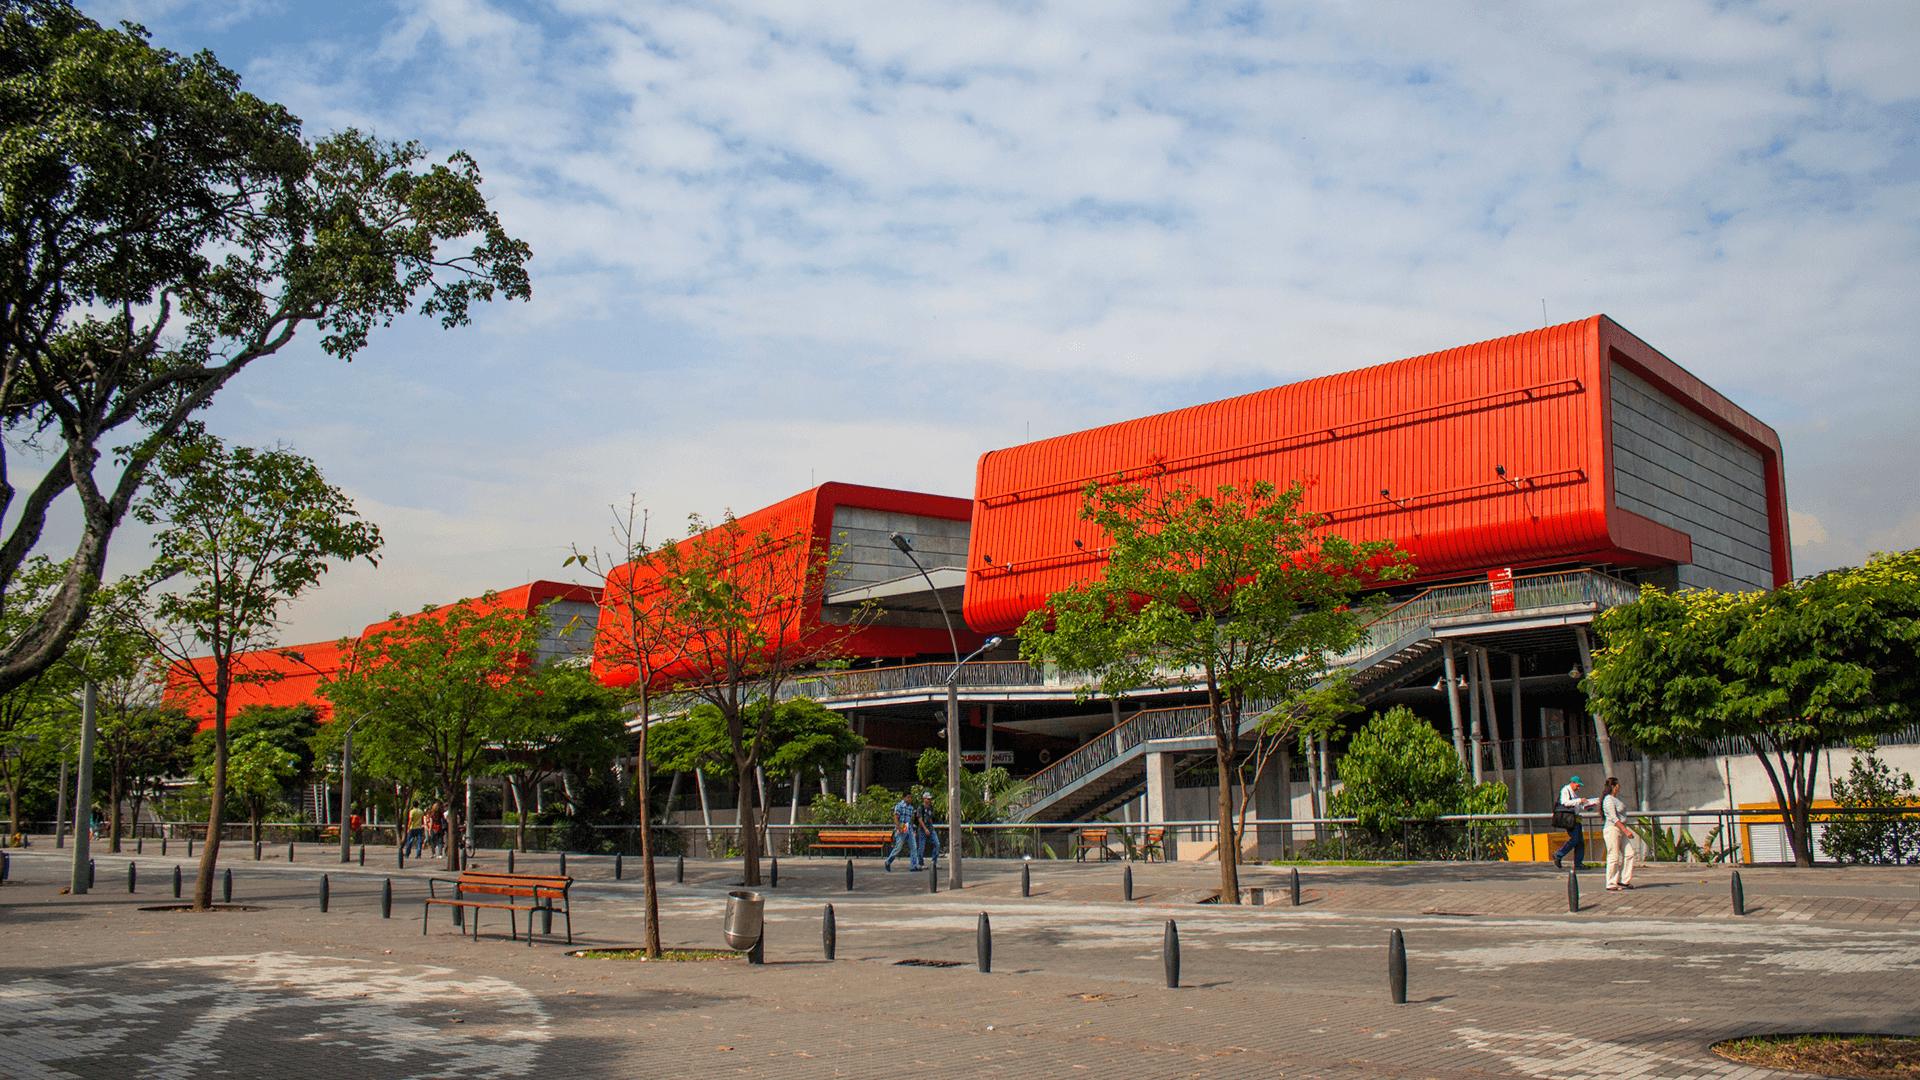 Parque Explora, Medellín